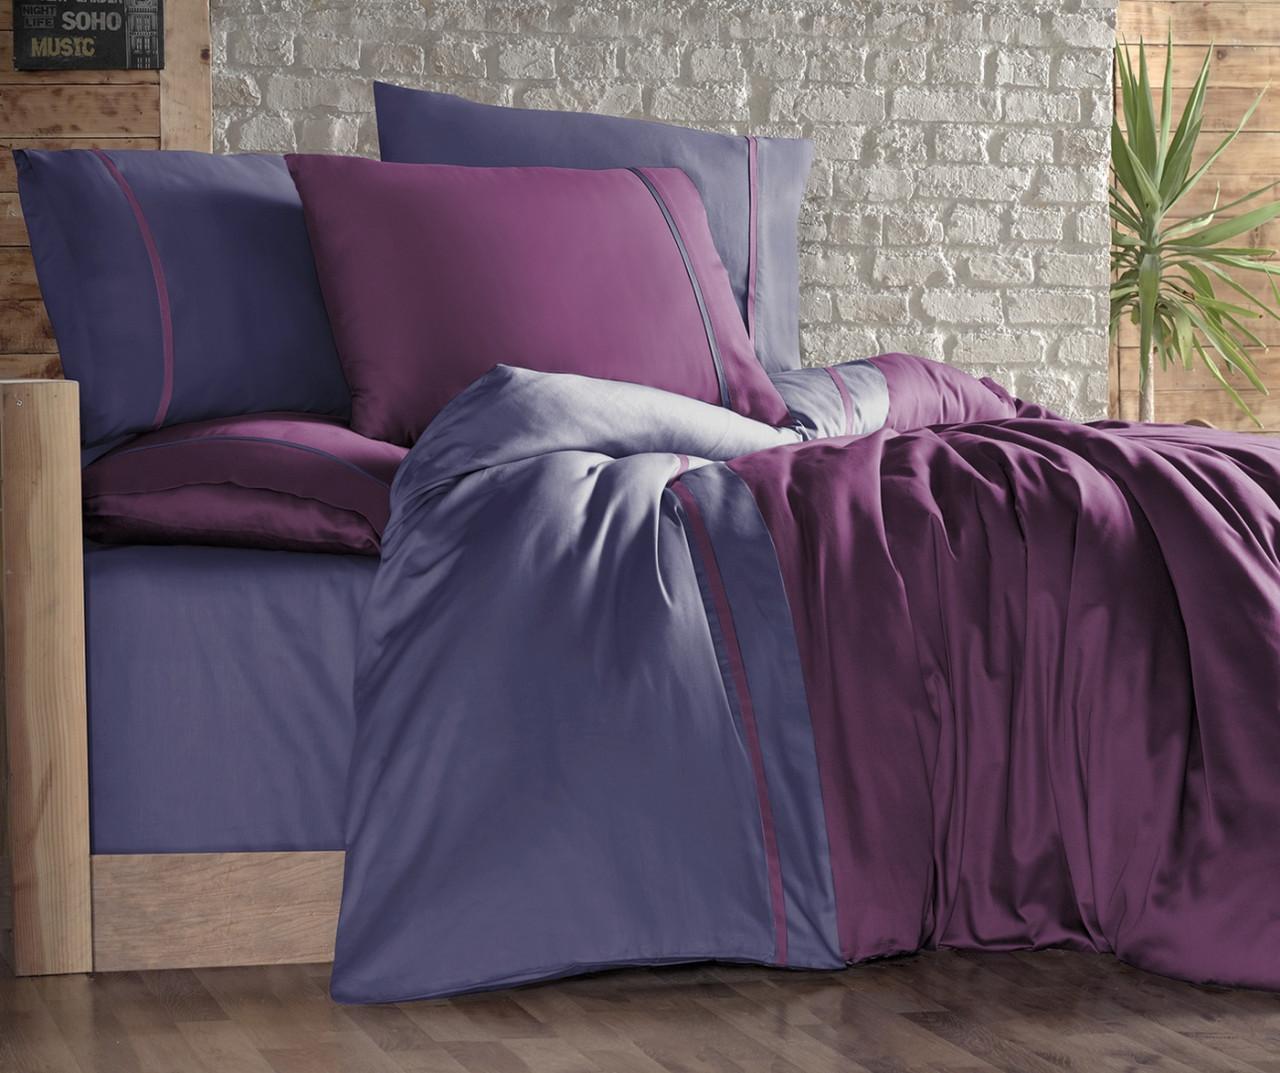 Постельное белье First Choice 200х220 сатин двухцветный mor indigo